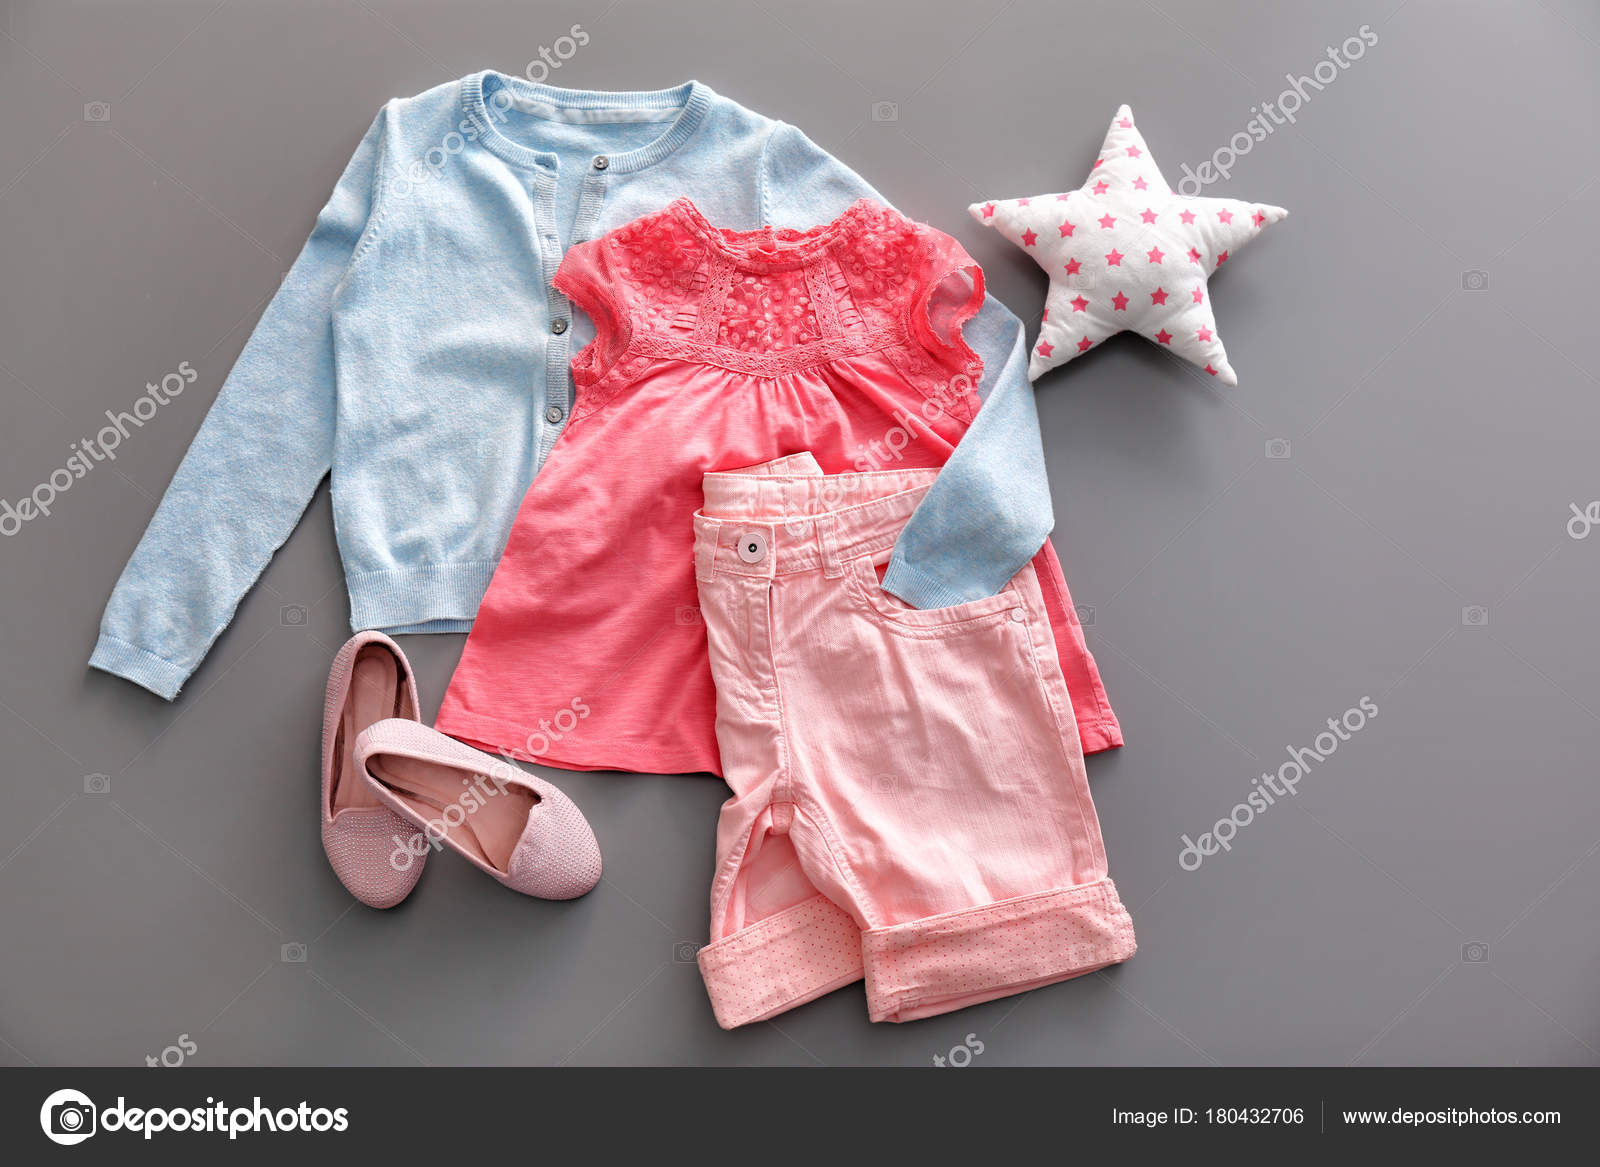 b2eeb982ac3 Σύνθεση Μοντέρνα Παιδιά Ρούχα Γκρι Φόντο — Φωτογραφία Αρχείου ...